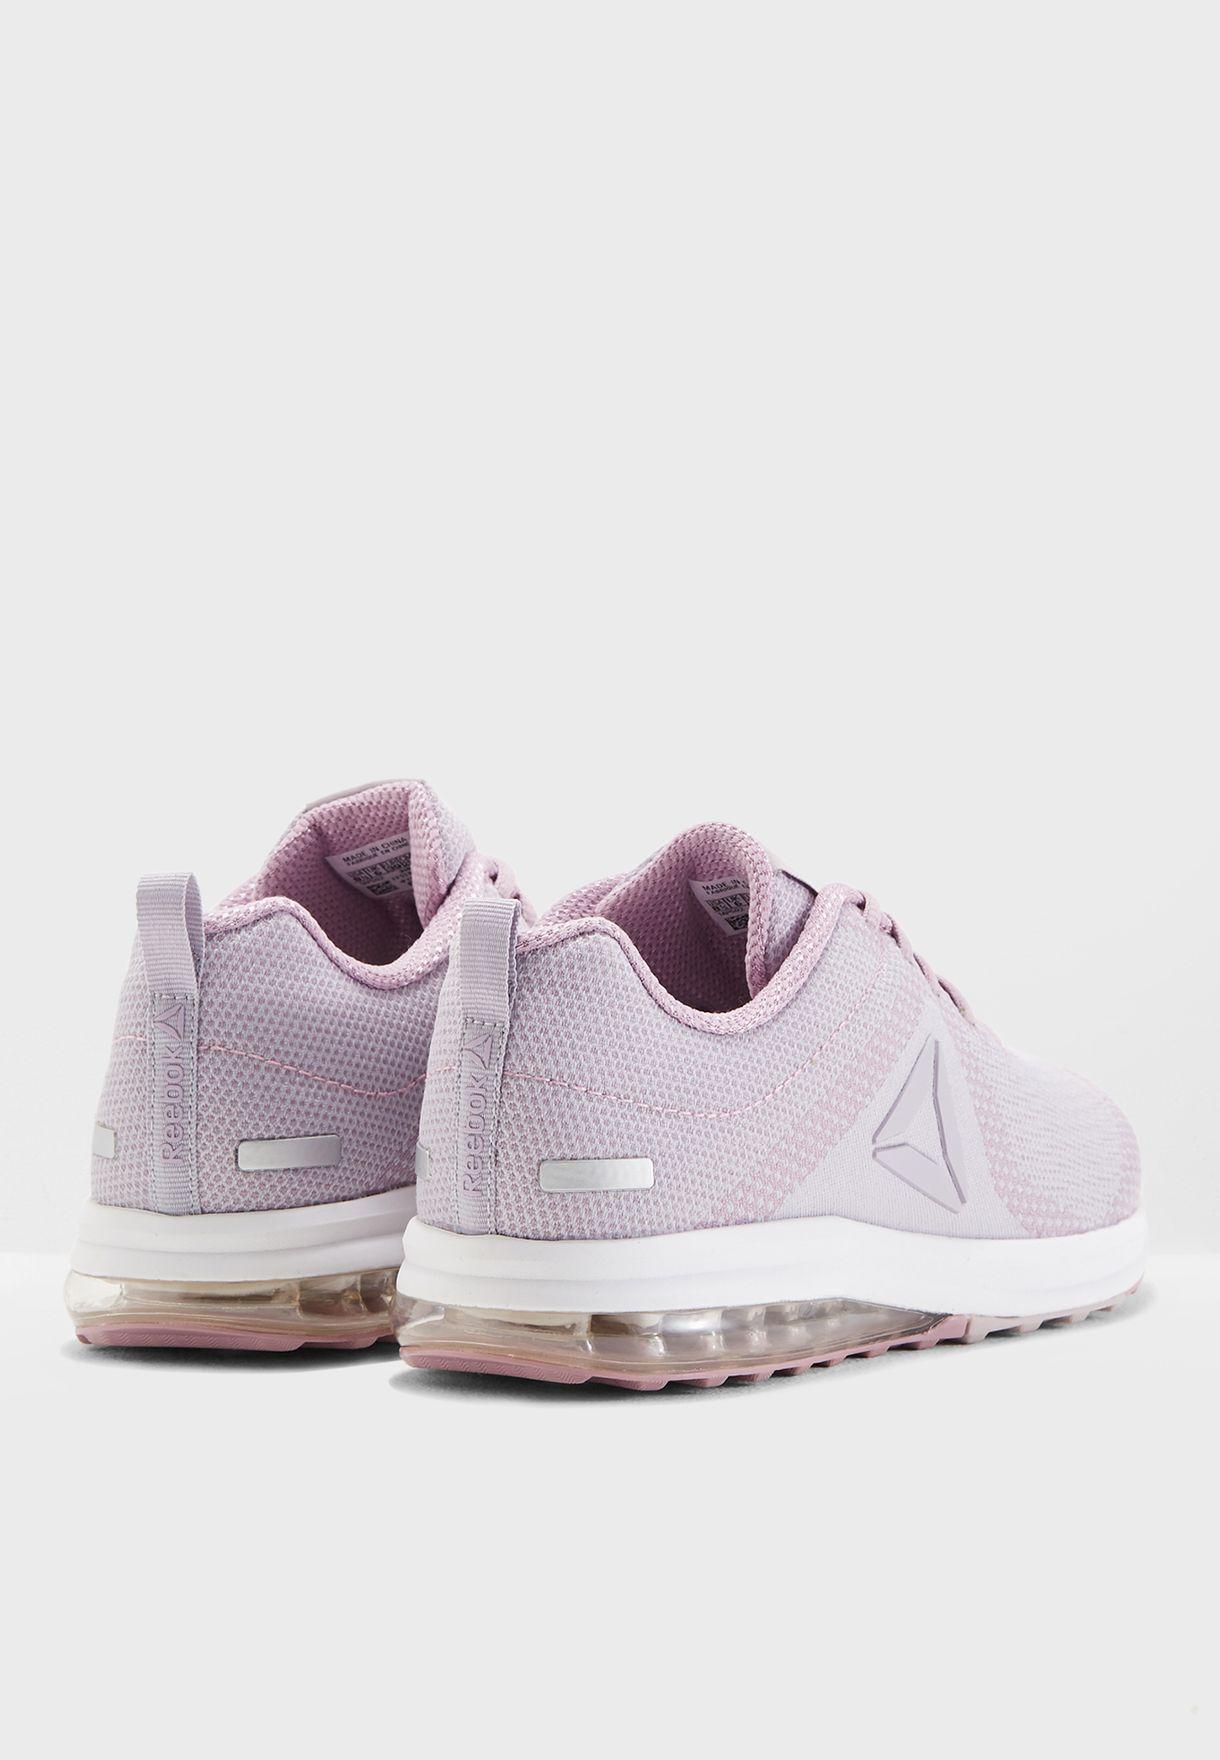 separation shoes 32ff3 537fa Jet Dashride 6.0